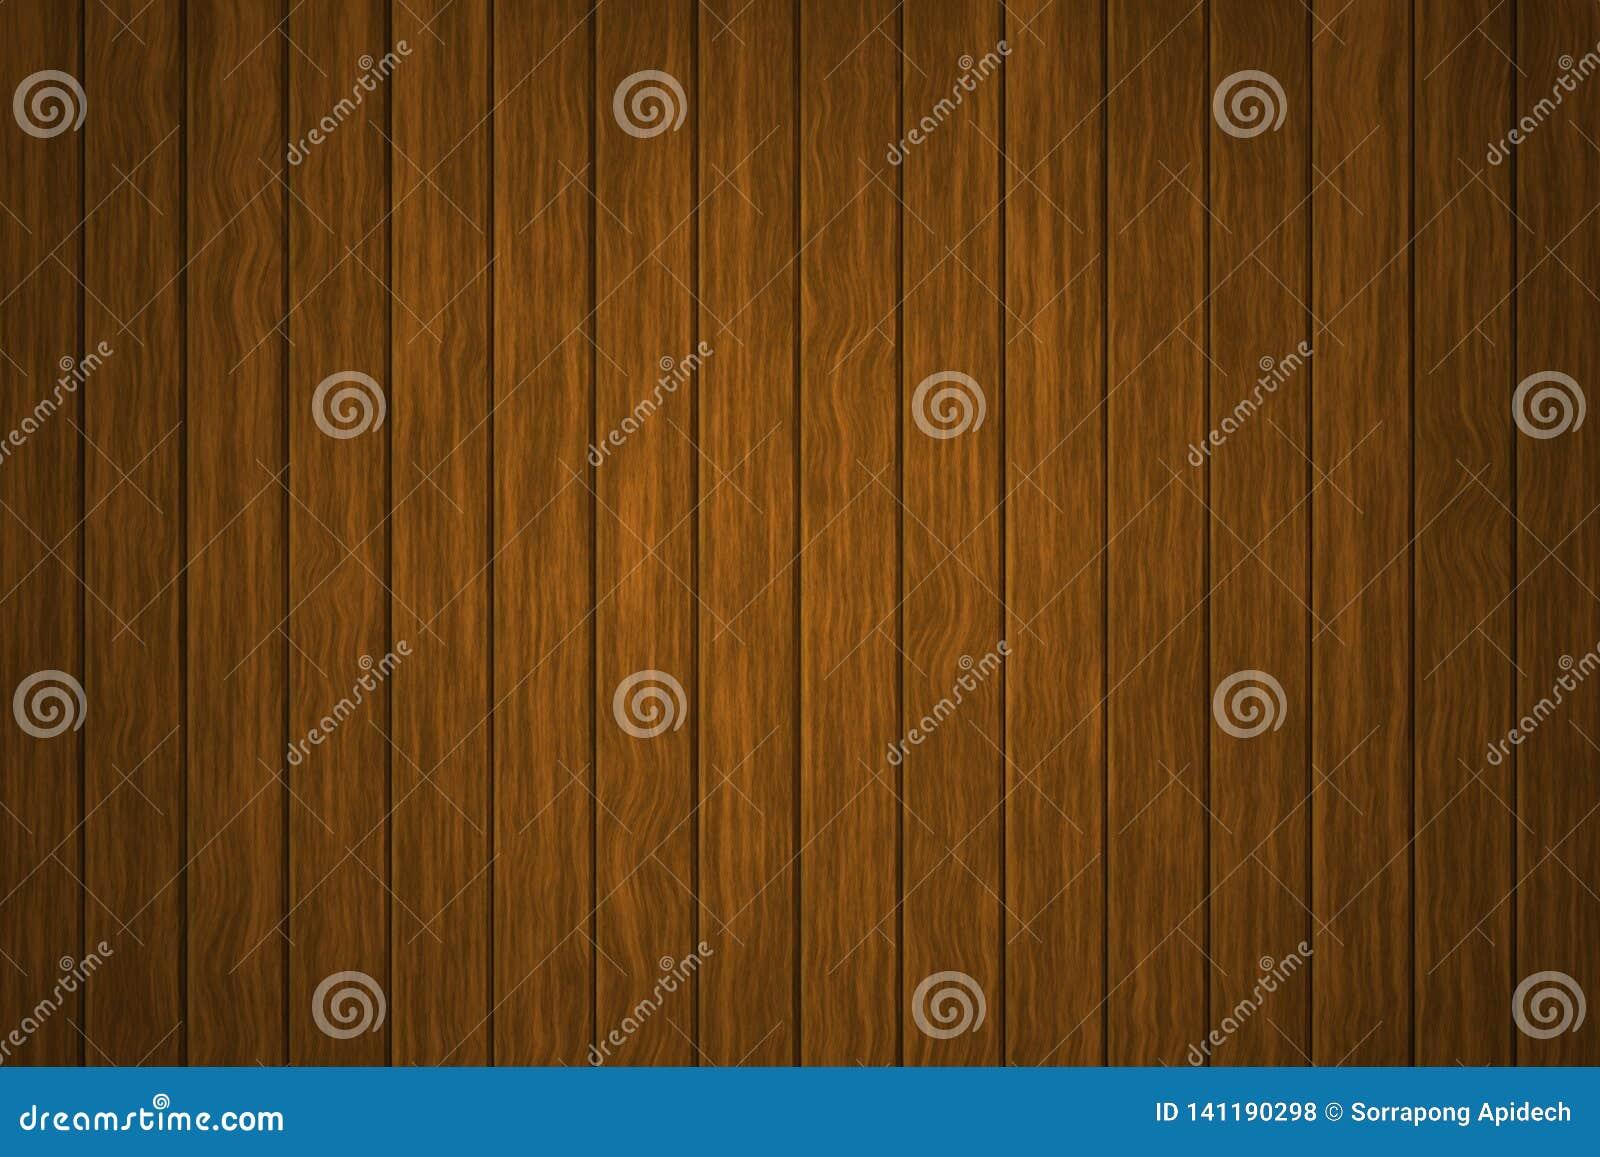 Hölzerner Hintergrund der Illustration, die Oberfläche der alten braunen hölzernen Beschaffenheit, Draufsichtholztäfelung